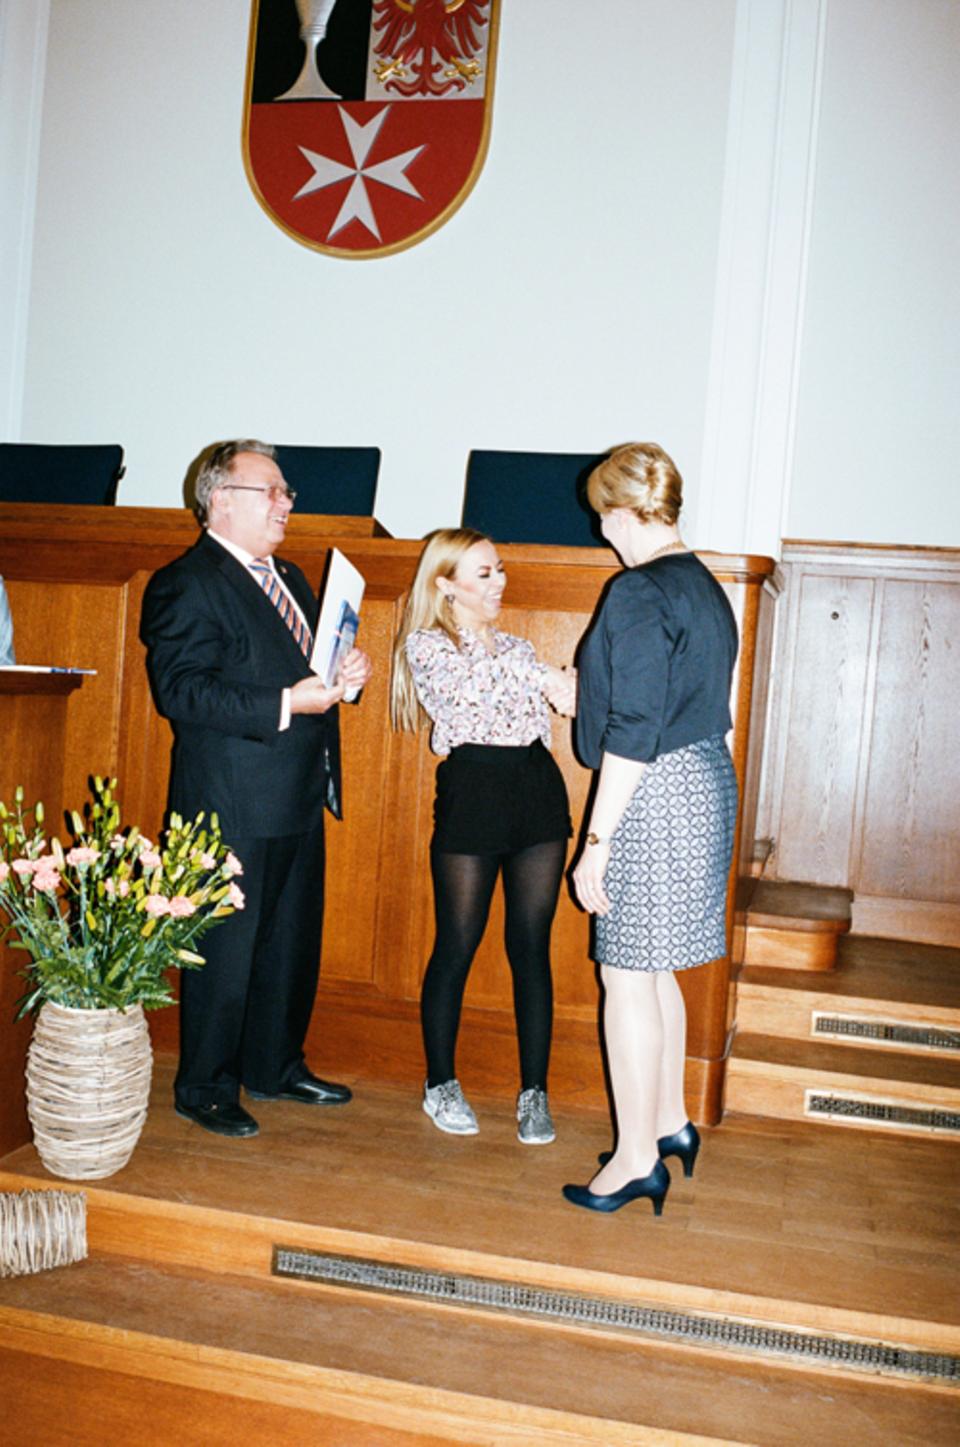 Politik: Neu eingebürgerte Deutsche müssen im Rathaus einen Eid auf die Verfassung ablegen. Danach übergibt Giffey die Einbürgerungsurkunde.